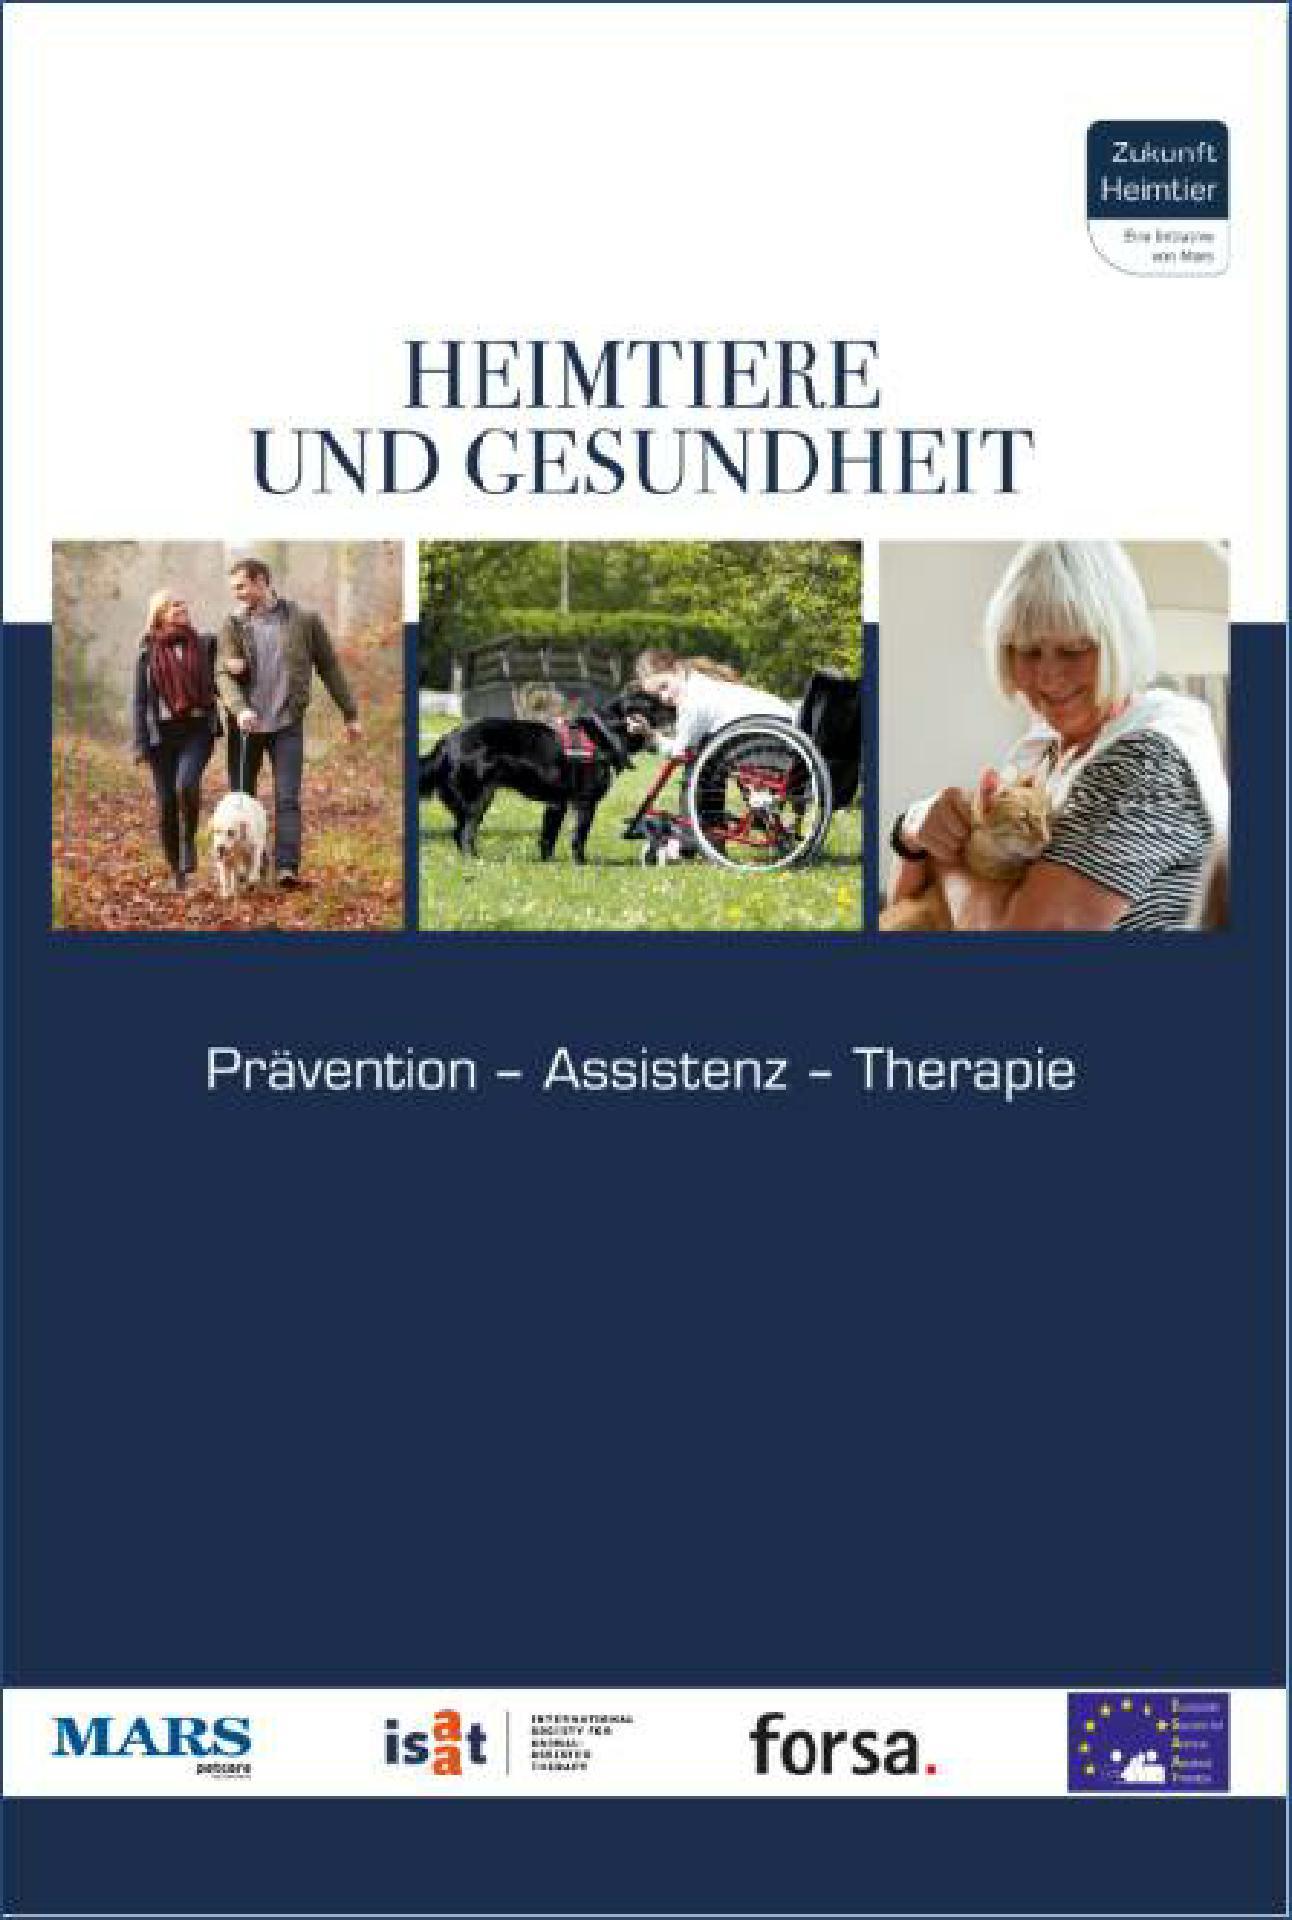 Cover_Heimtiere_und_Gesundheit_01